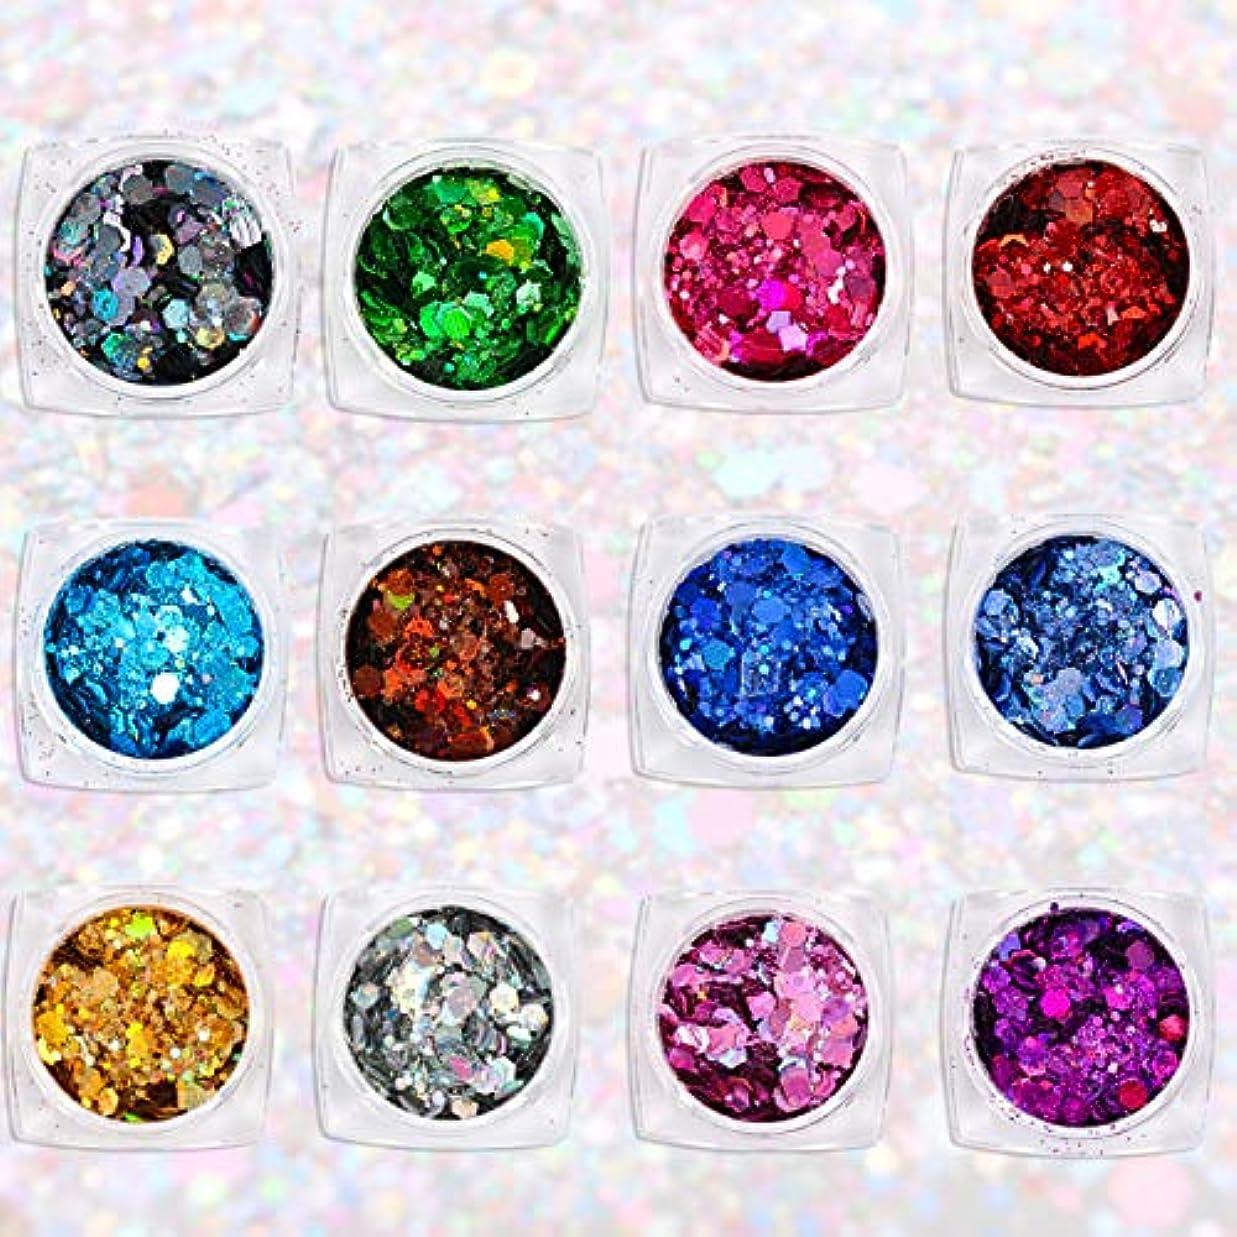 多様性振り向くいっぱいWadachikis 有益な12色レーザー六角形のスパンコール爪きらめき粉砂の携帯電話シェルの工芸品特別なきらめきパウダーグリッタースパンコール